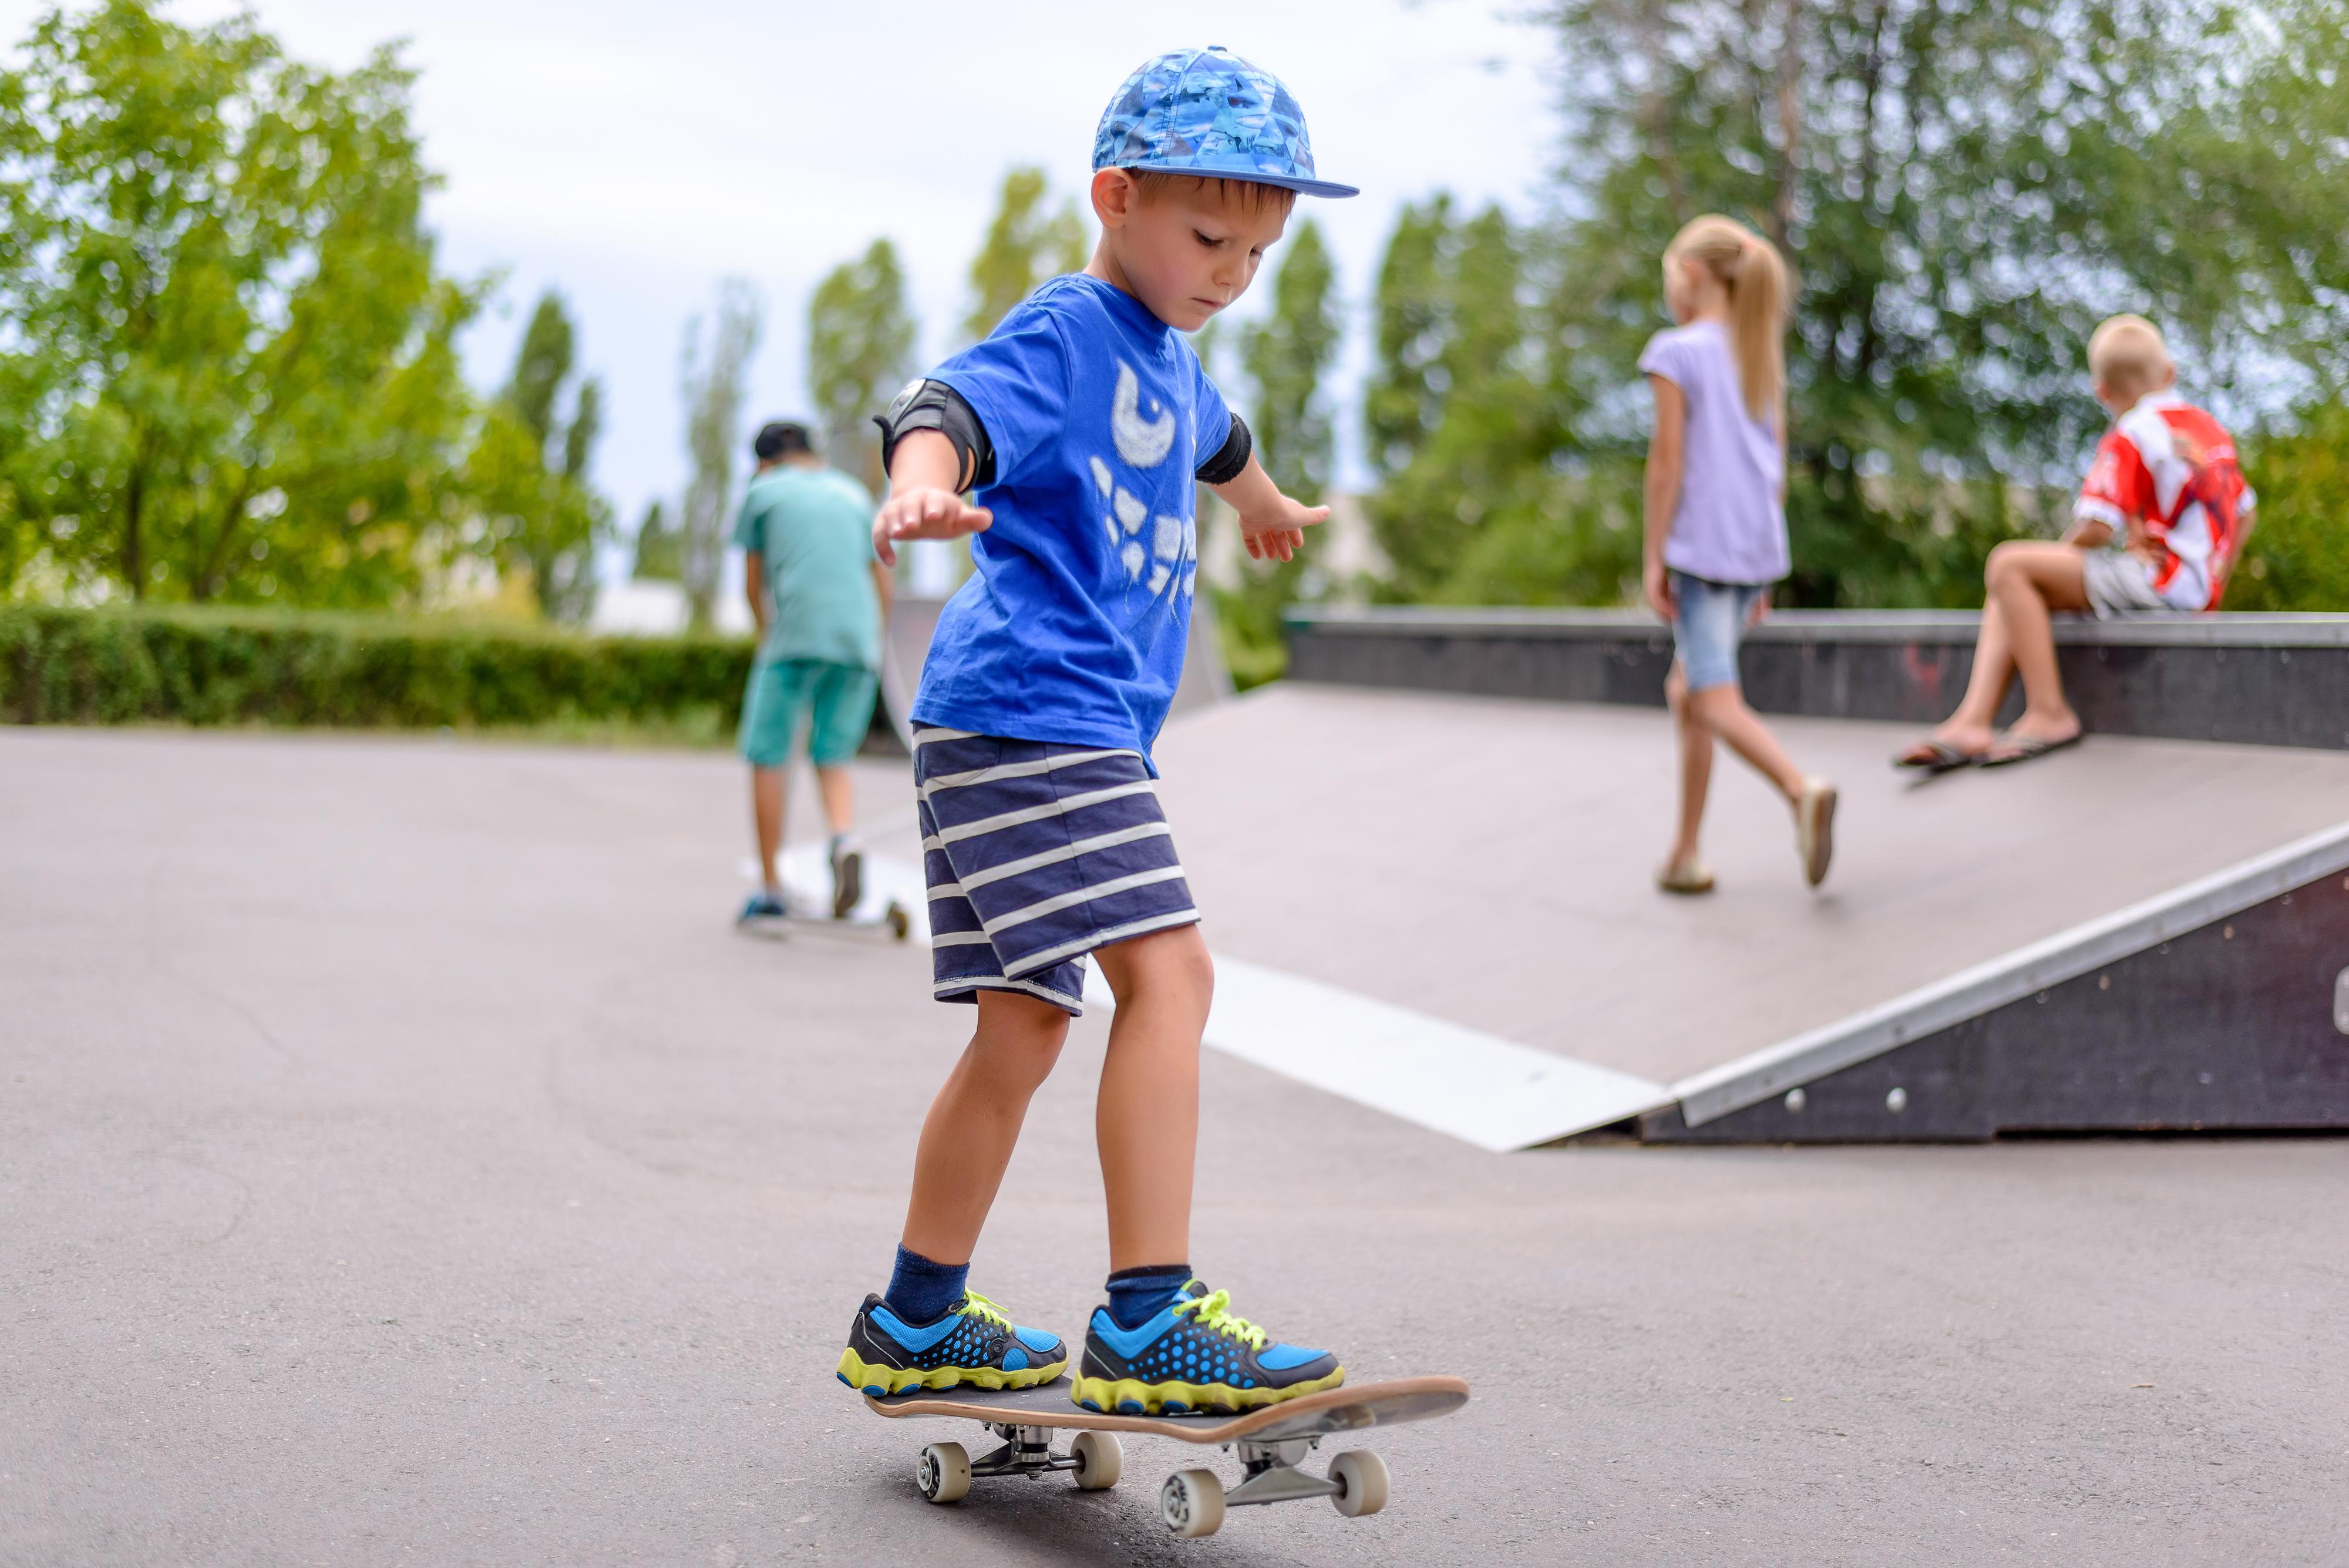 Erste Übung auf dem Skateboard